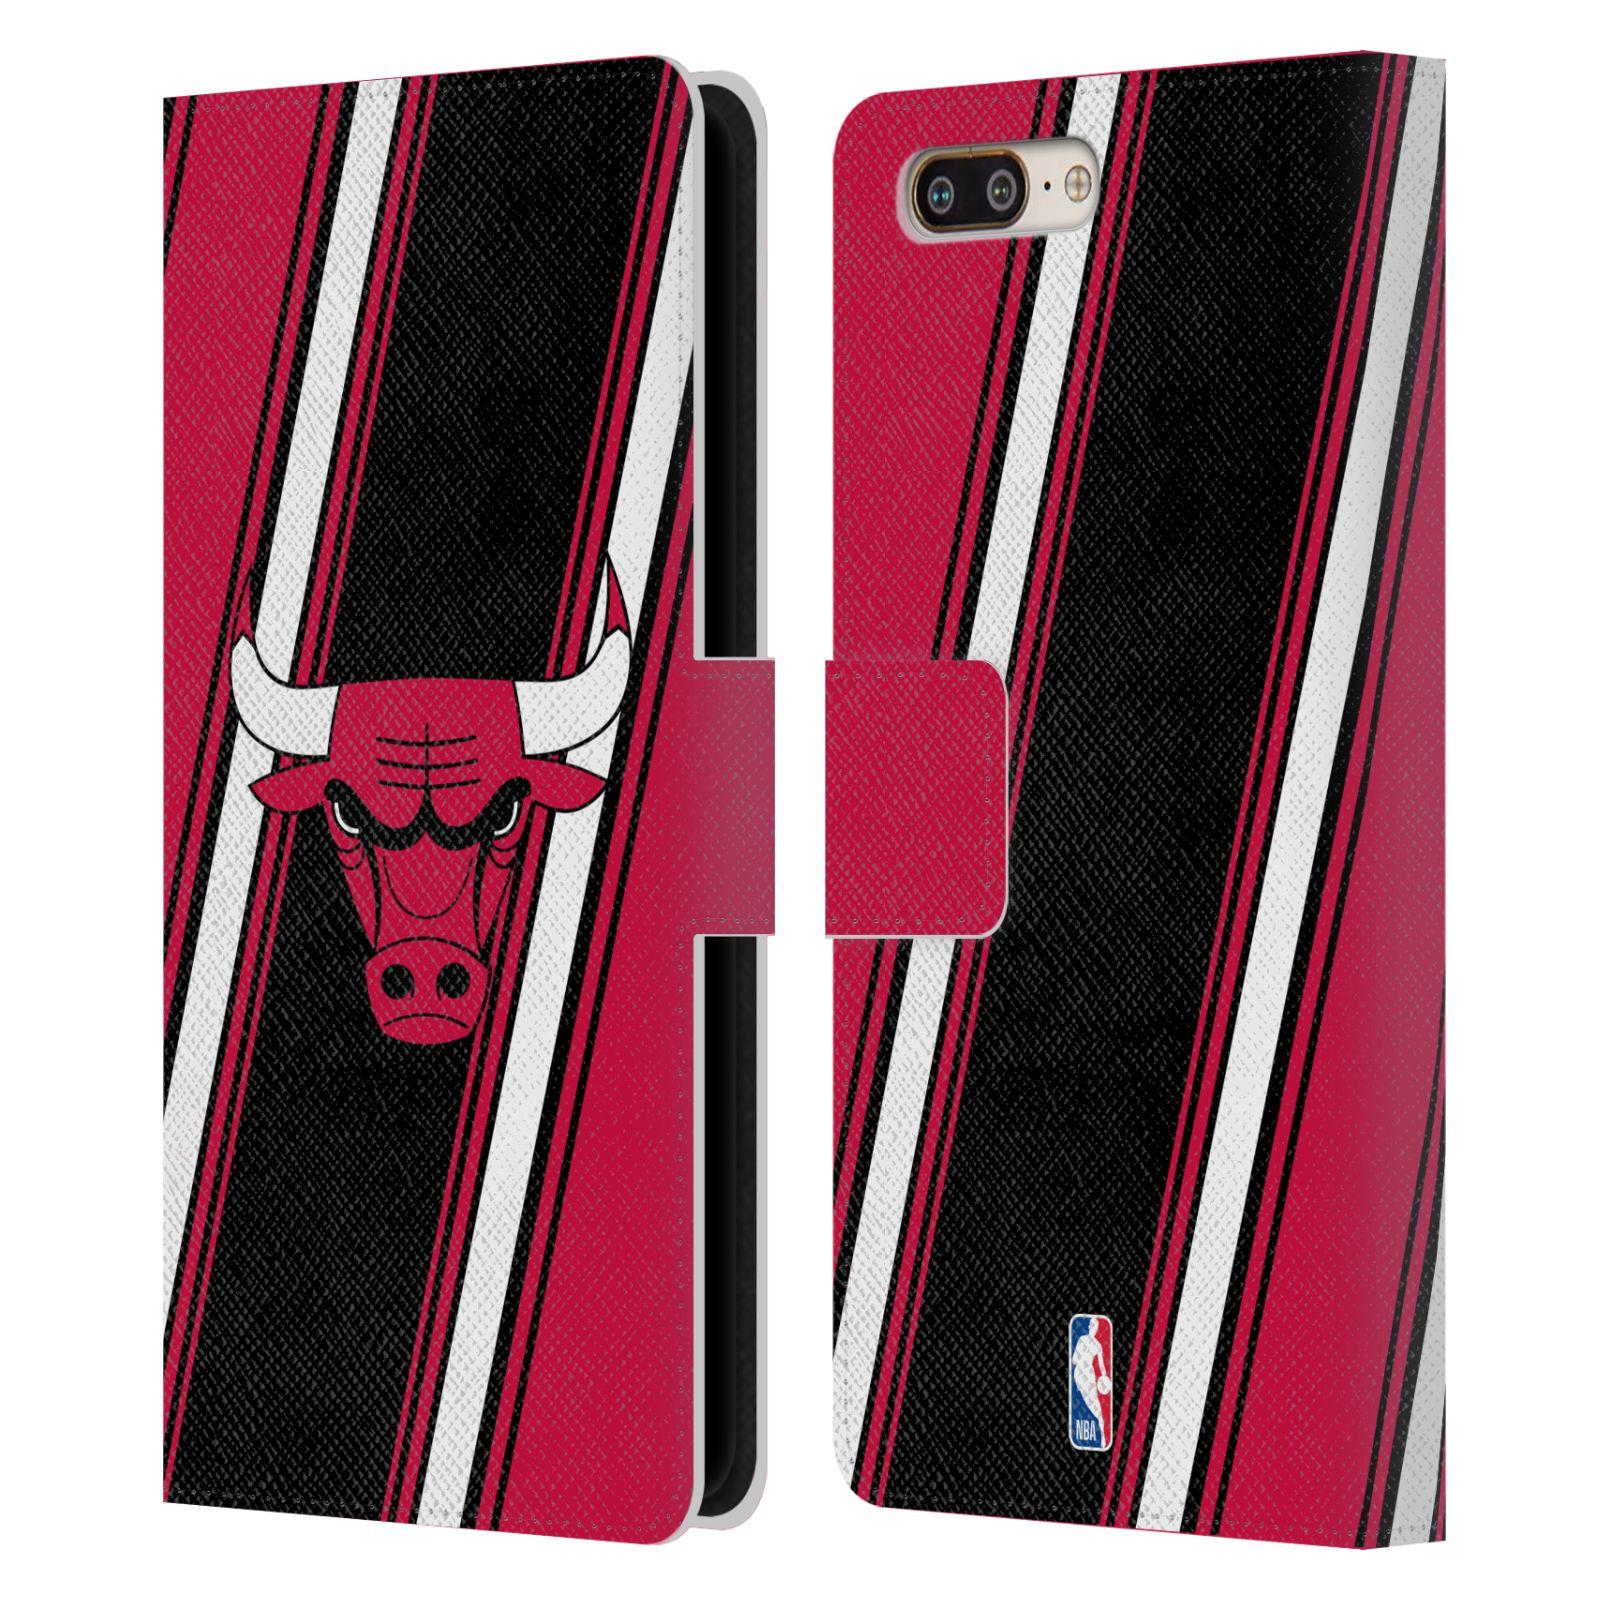 UFFICIALE-NBA-CHICAGO-BULLS-COVER-A-PORTAFOGLIO-IN-PELLE-PER-BLACKBERRY-ONEPLUS